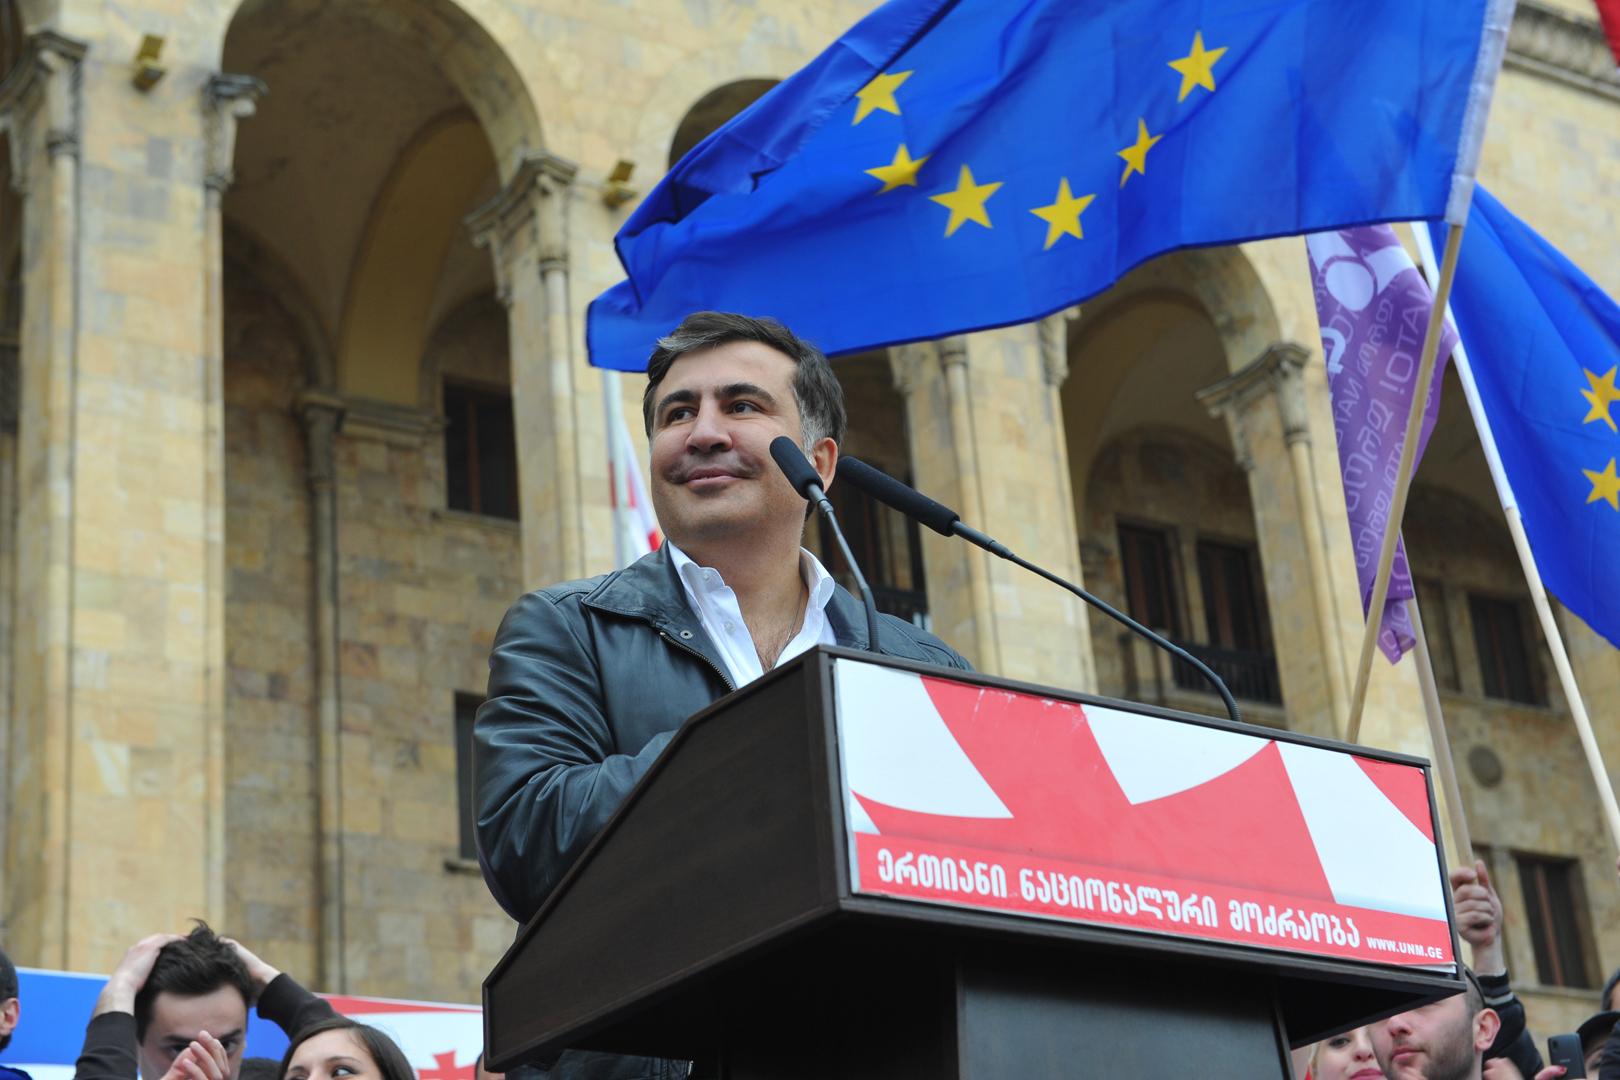 На самого Саакашвили в Грузии заведены уголовные дела, но партия его соратников надеется на выборах победить.